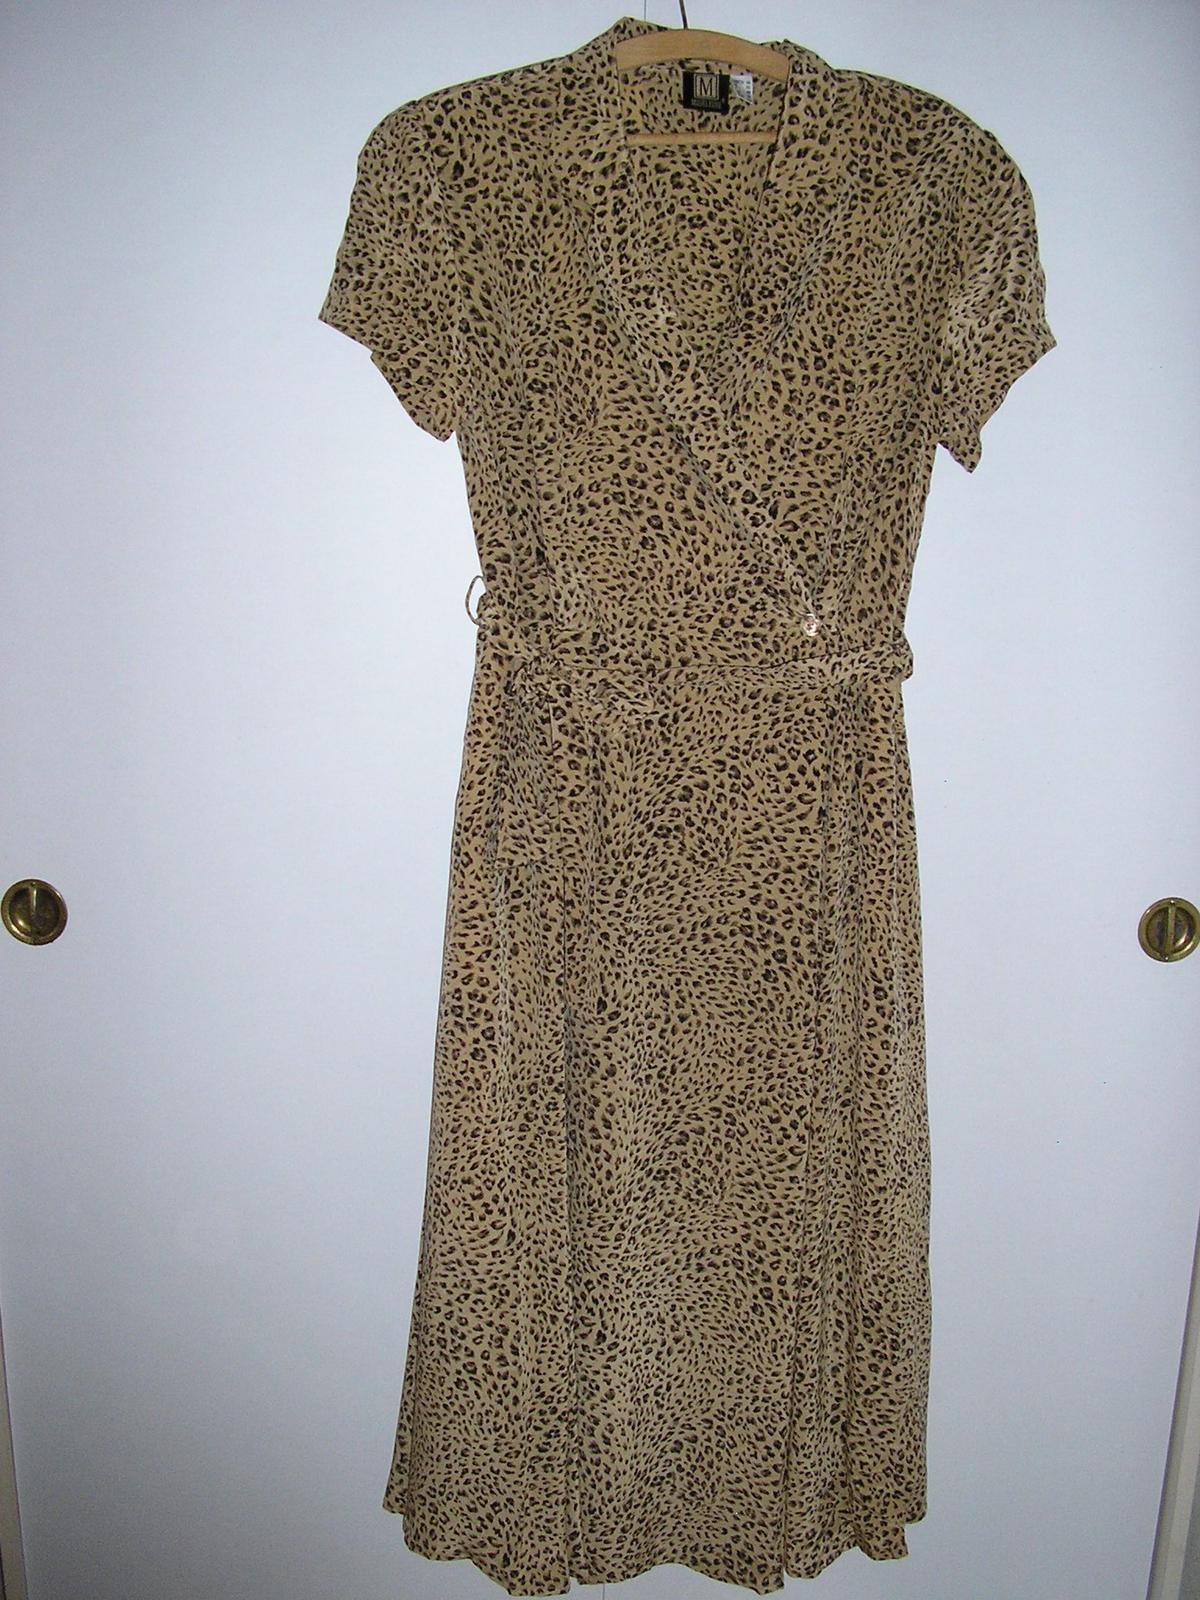 802. Madeleine Elegantné šaty - Obrázok č. 1